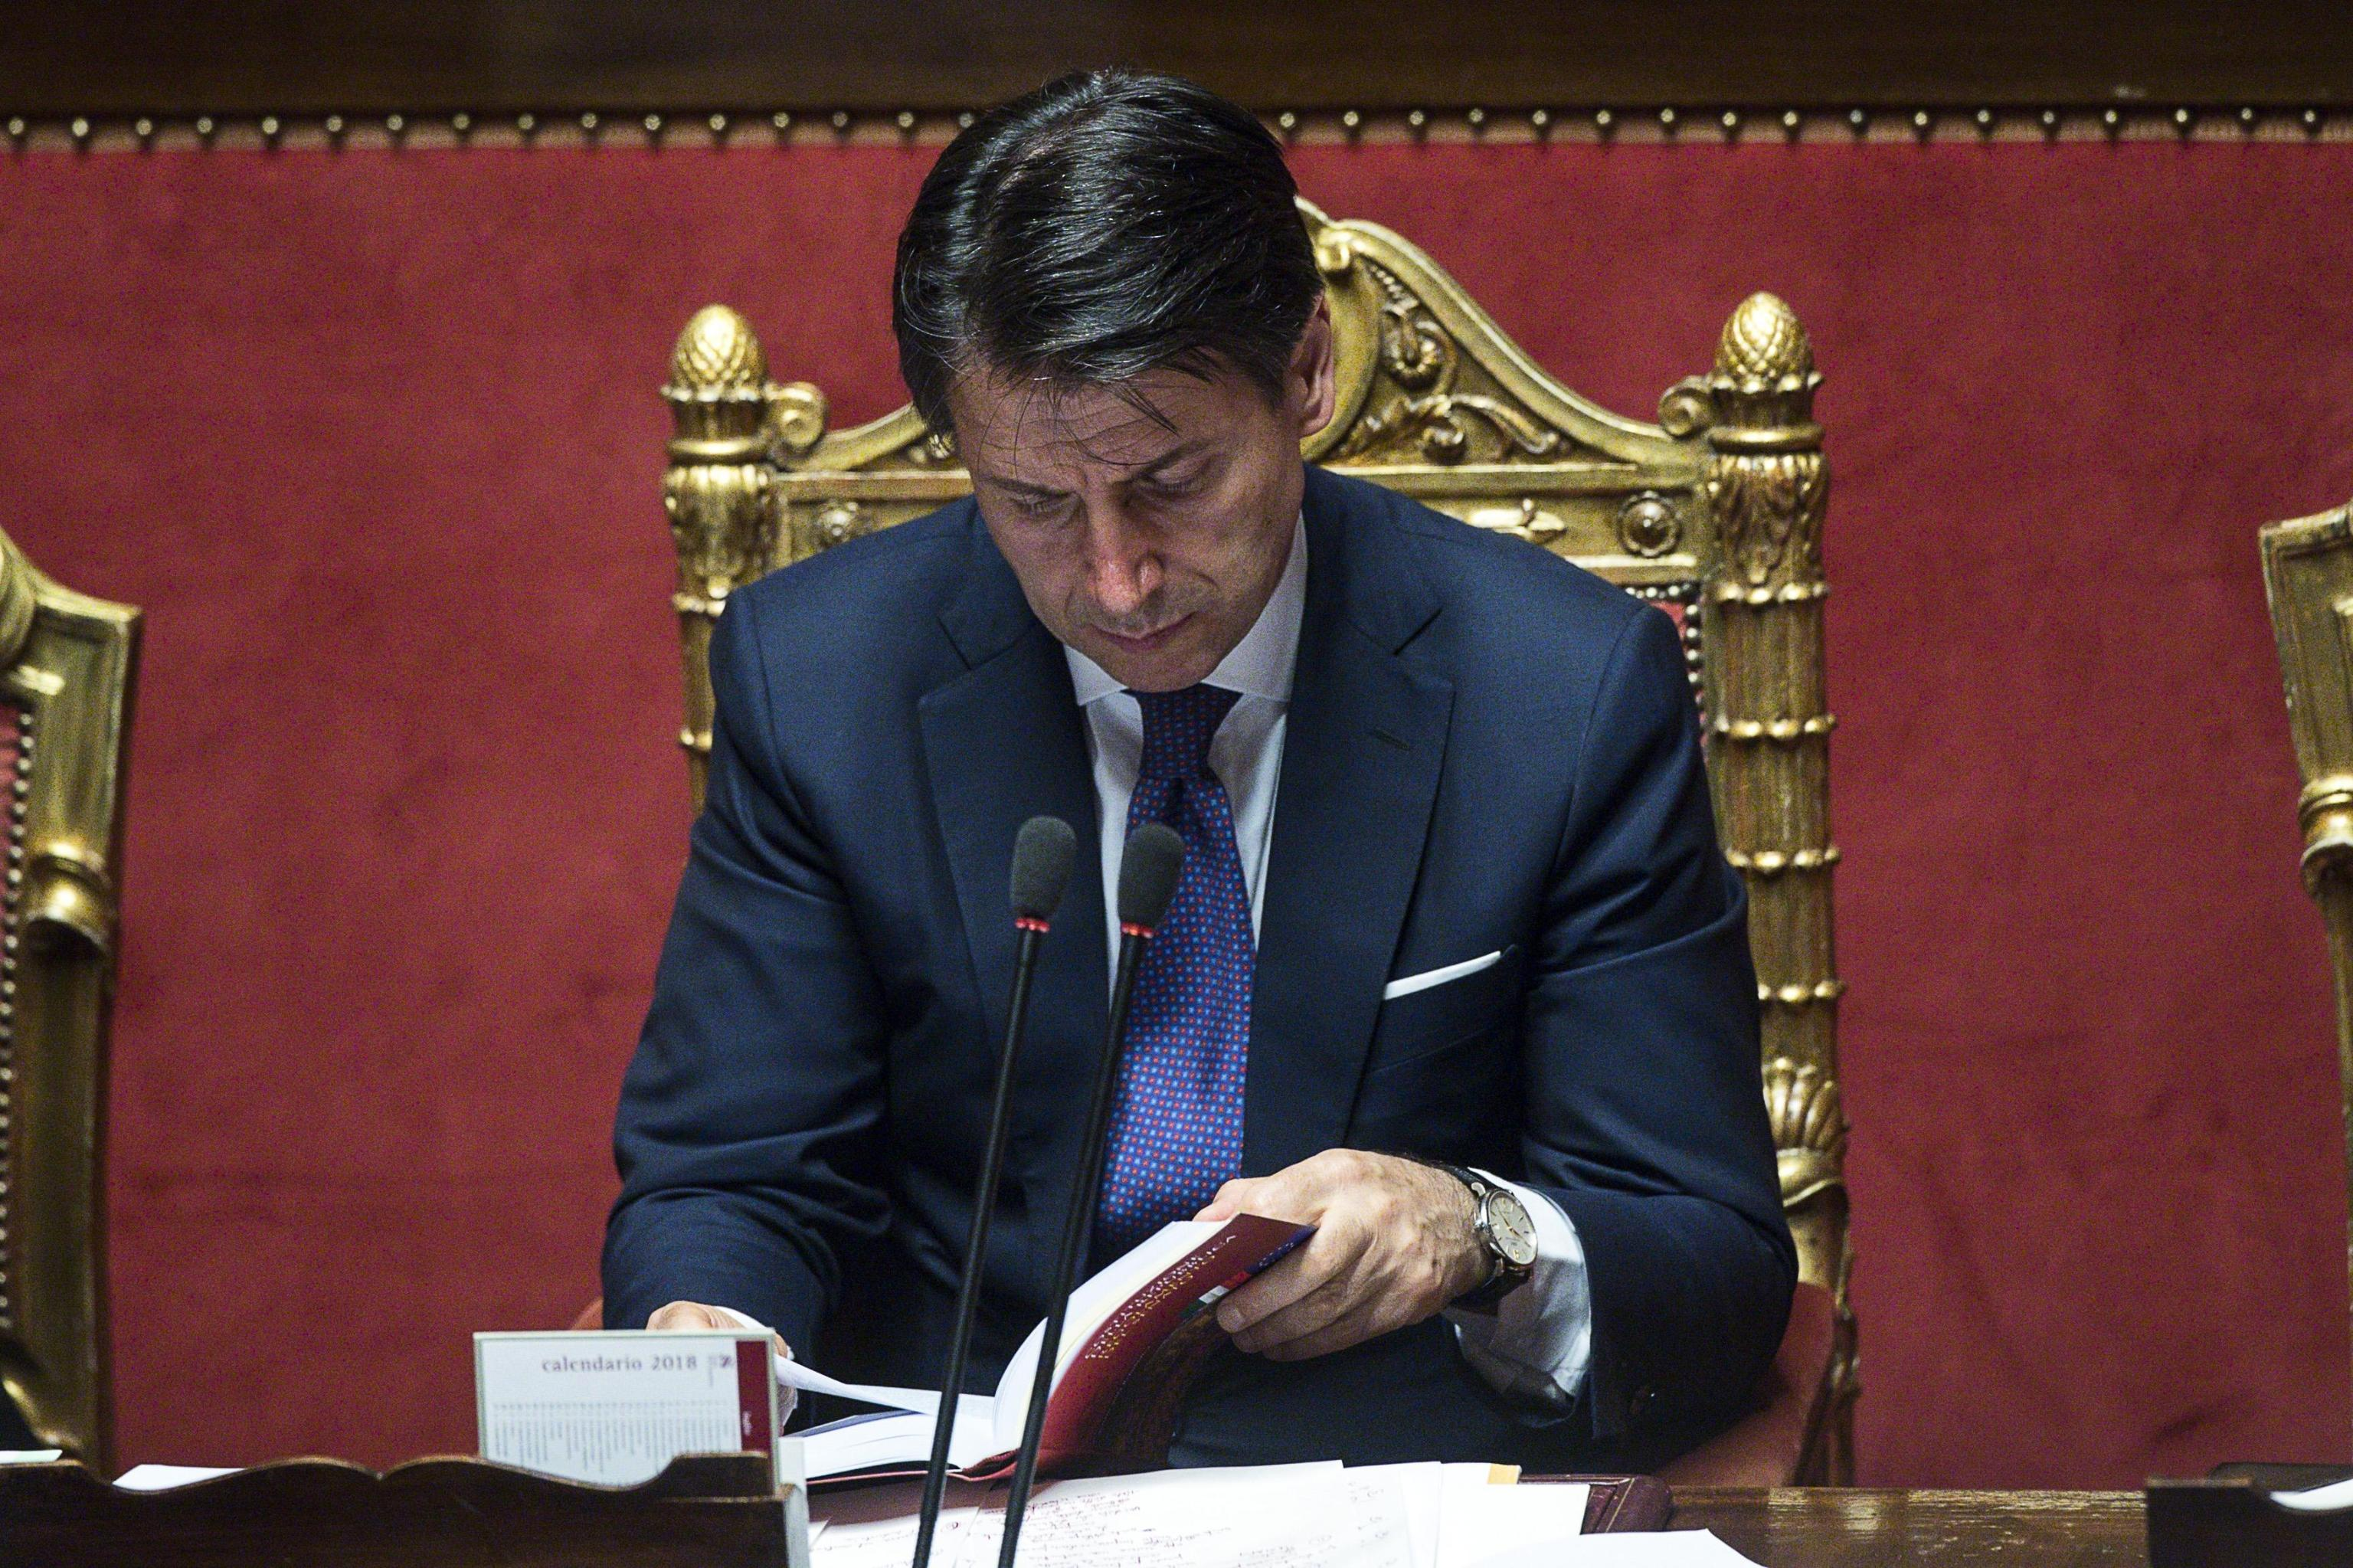 Chi è Olivia Paladino, la compagna del nuovo premier Giuseppe Conte